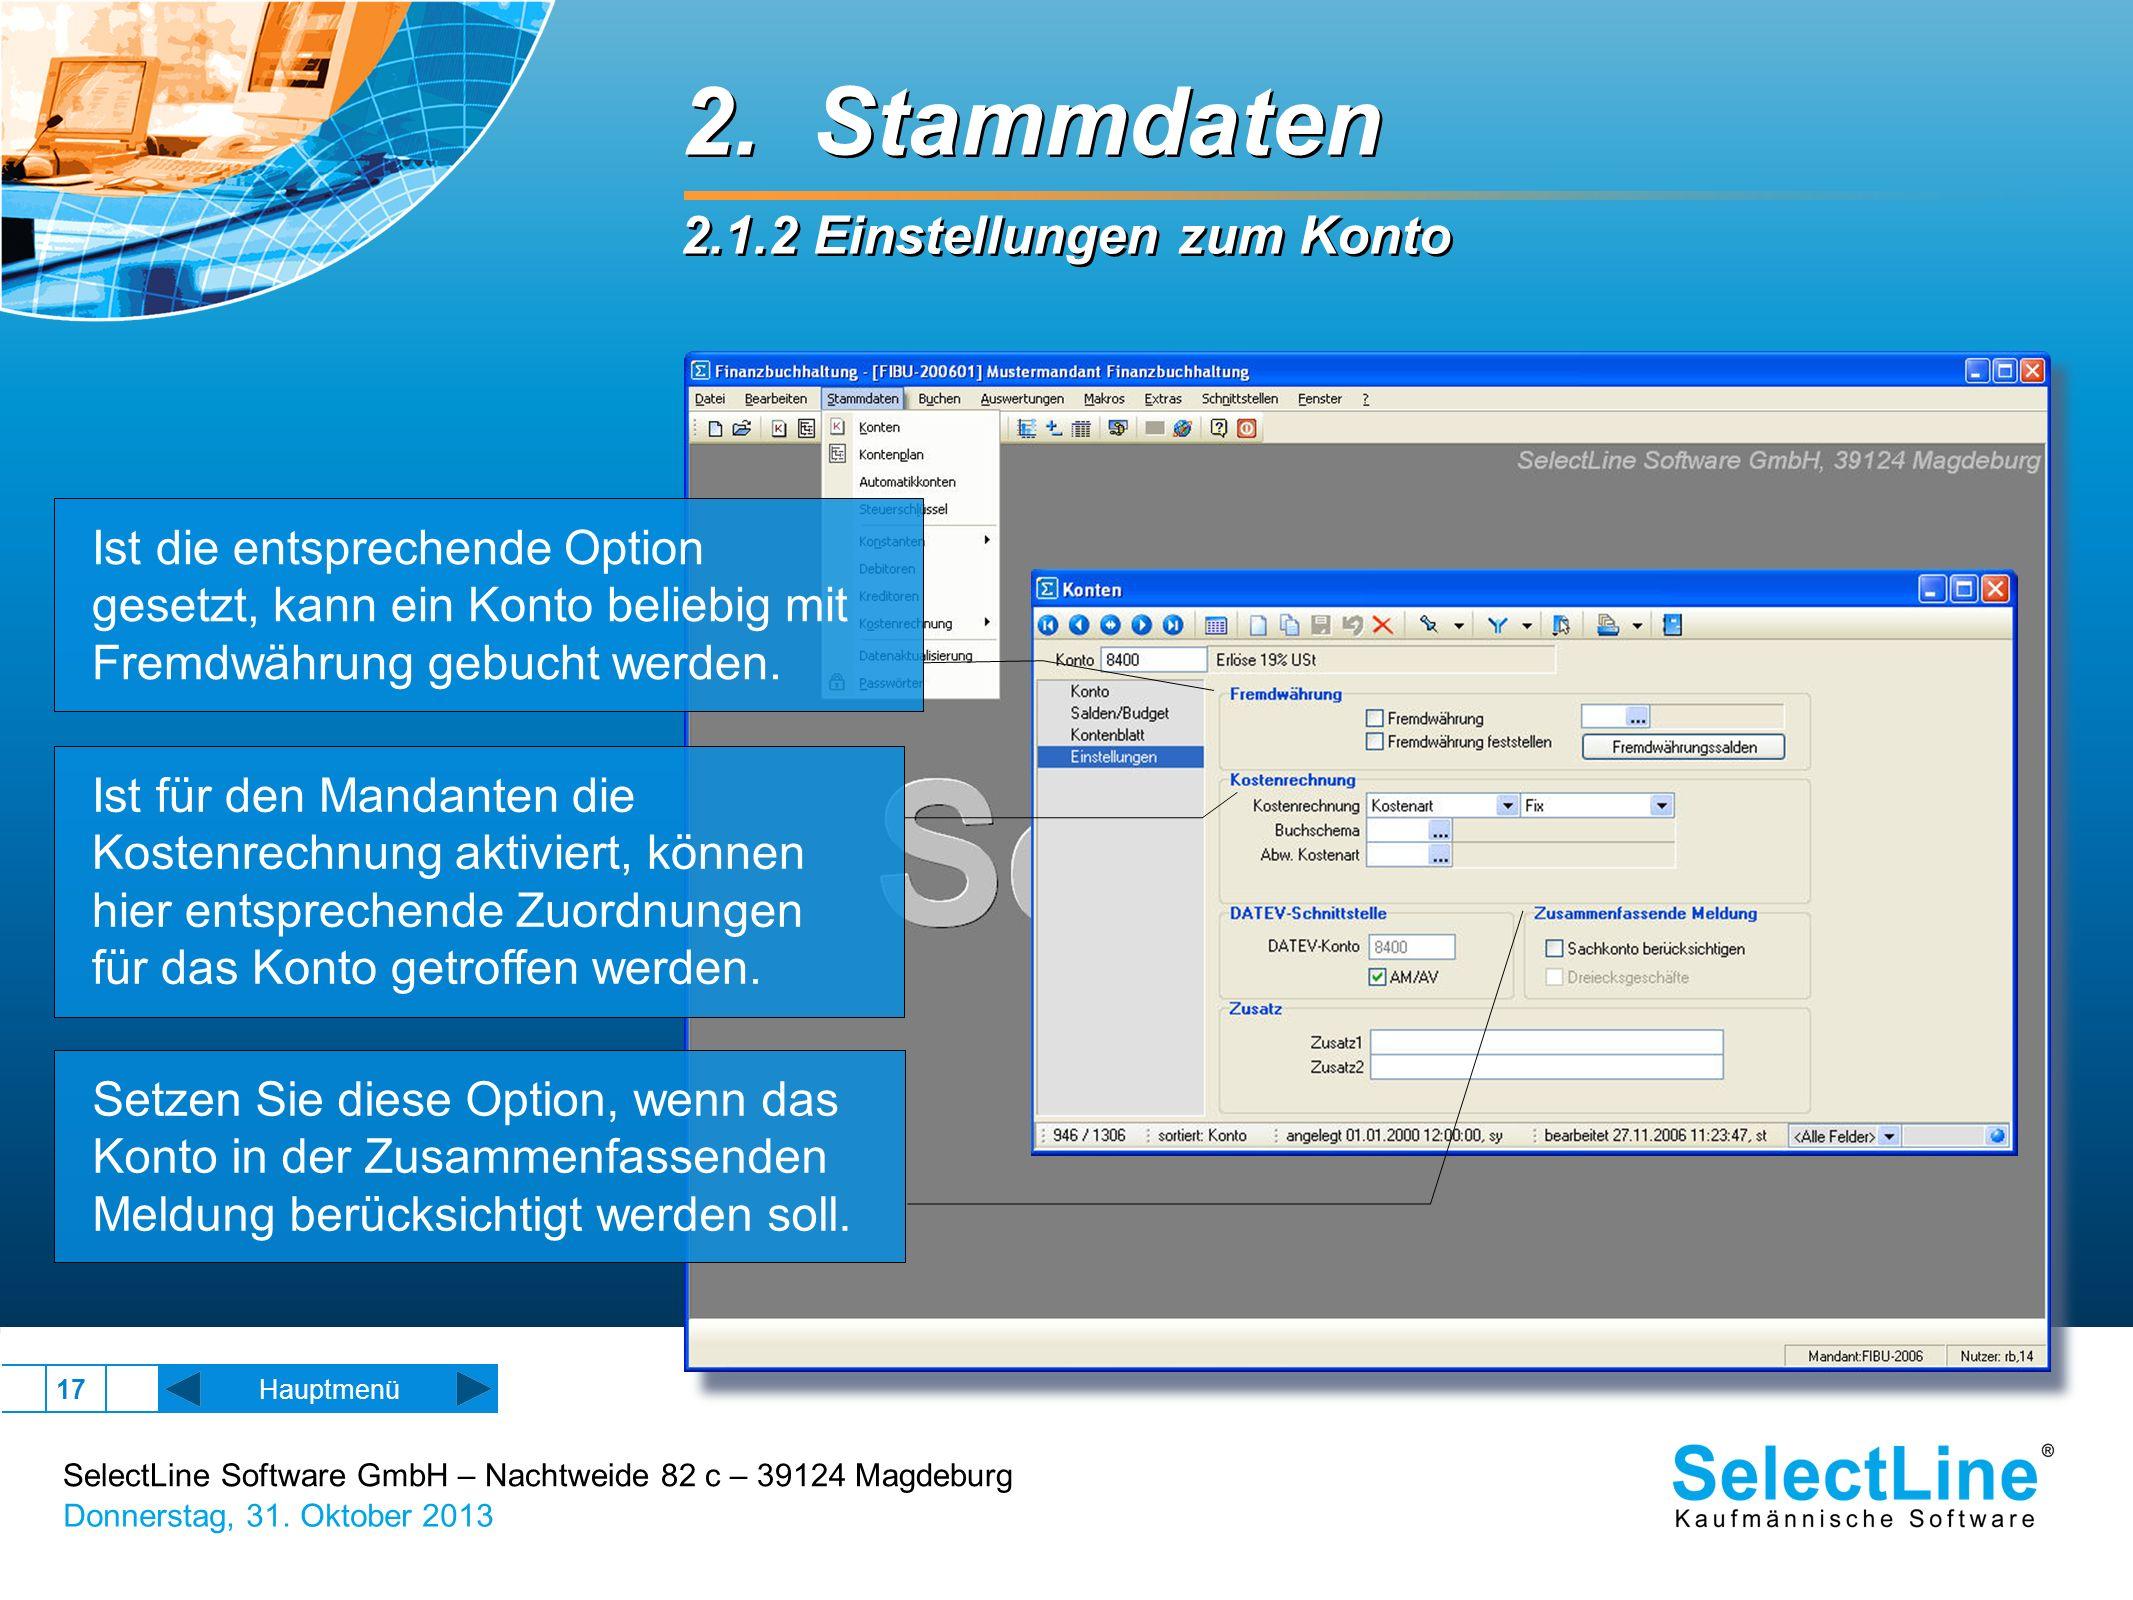 SelectLine Software GmbH – Nachtweide 82 c – 39124 Magdeburg Donnerstag, 31. Oktober 2013 17 2. Stammdaten 2.1.2 Einstellungen zum Konto 2. Stammdaten